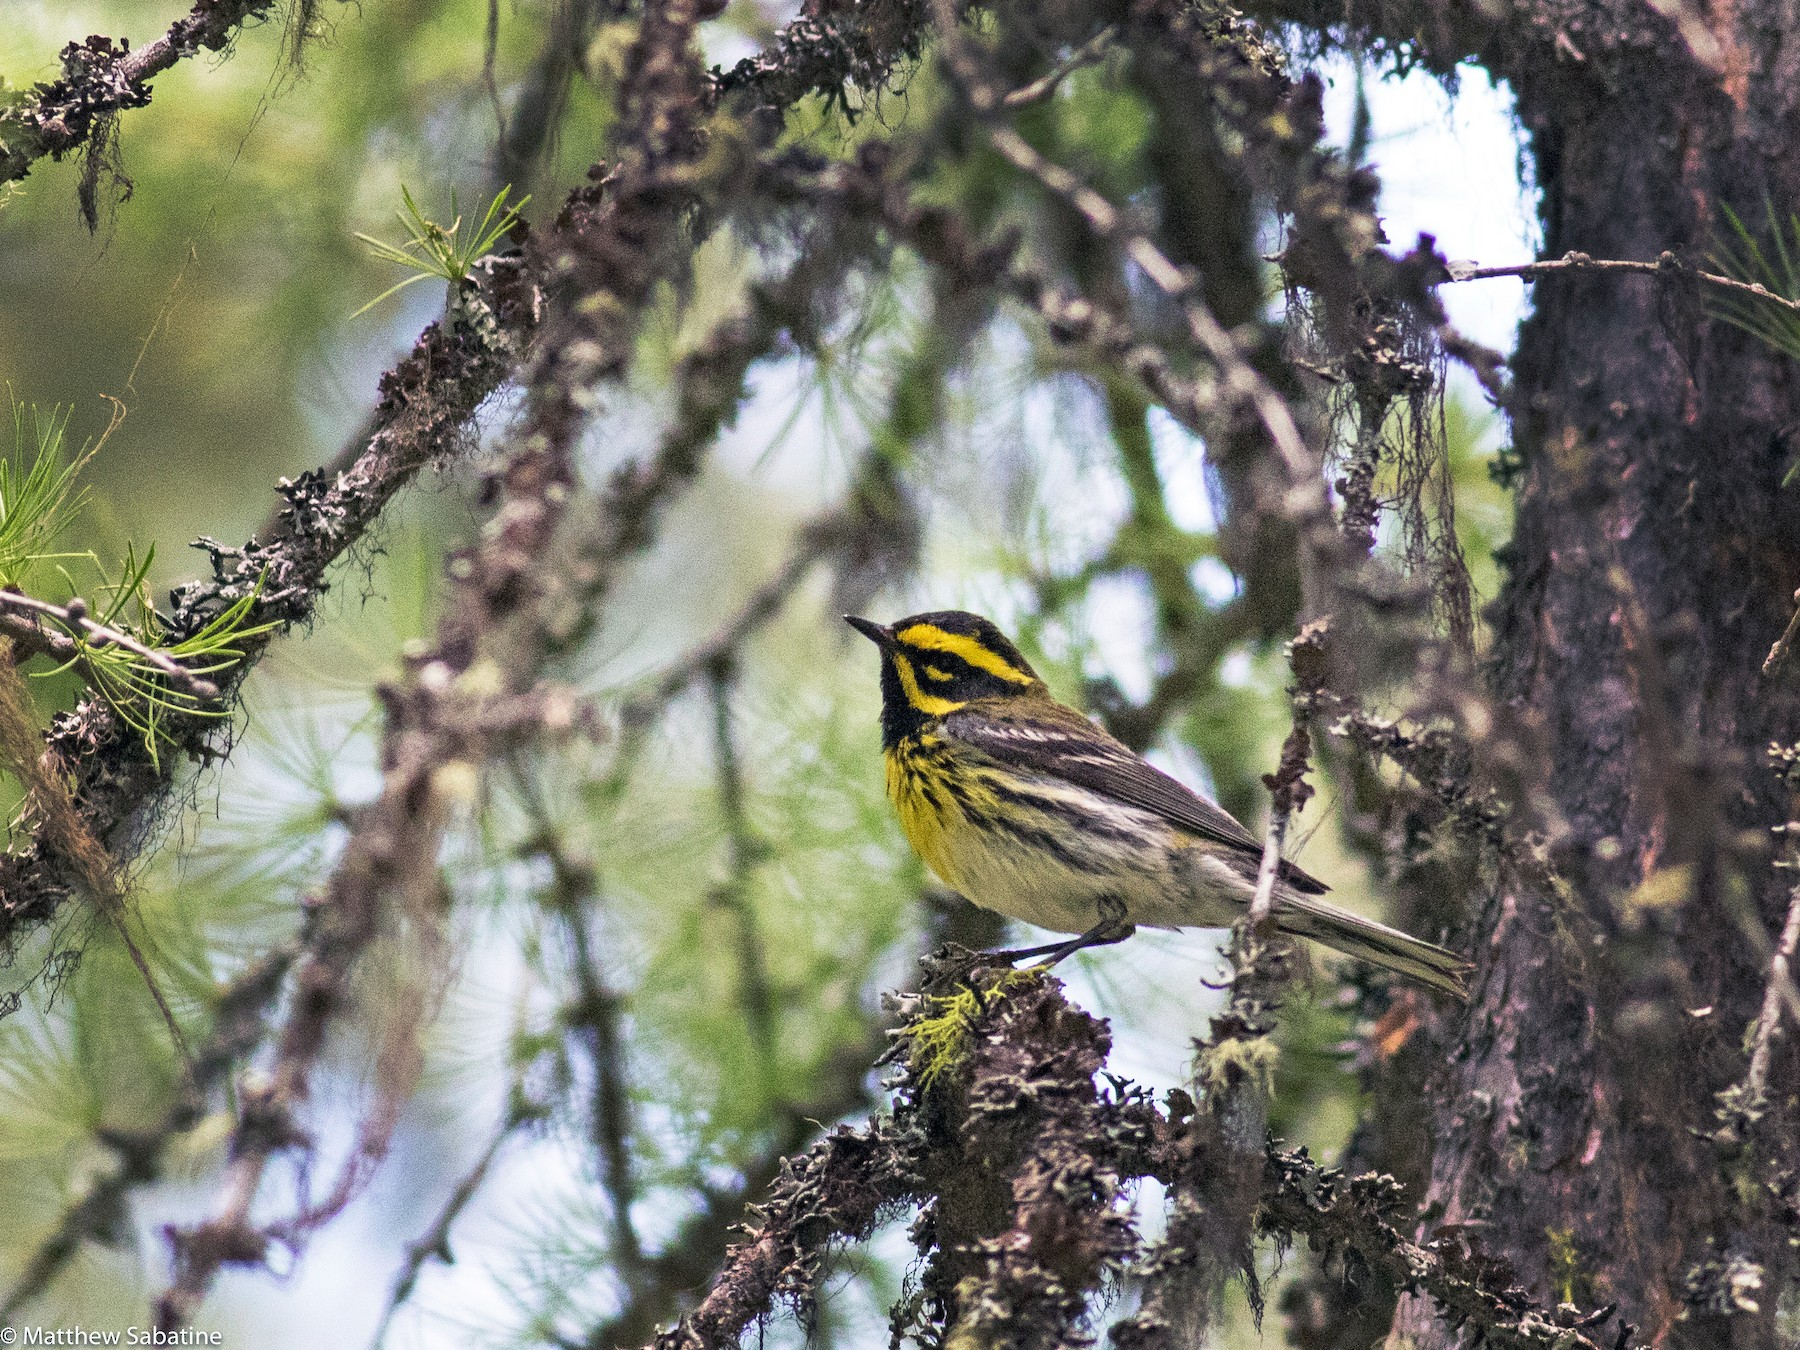 Townsend's Warbler - matthew sabatine